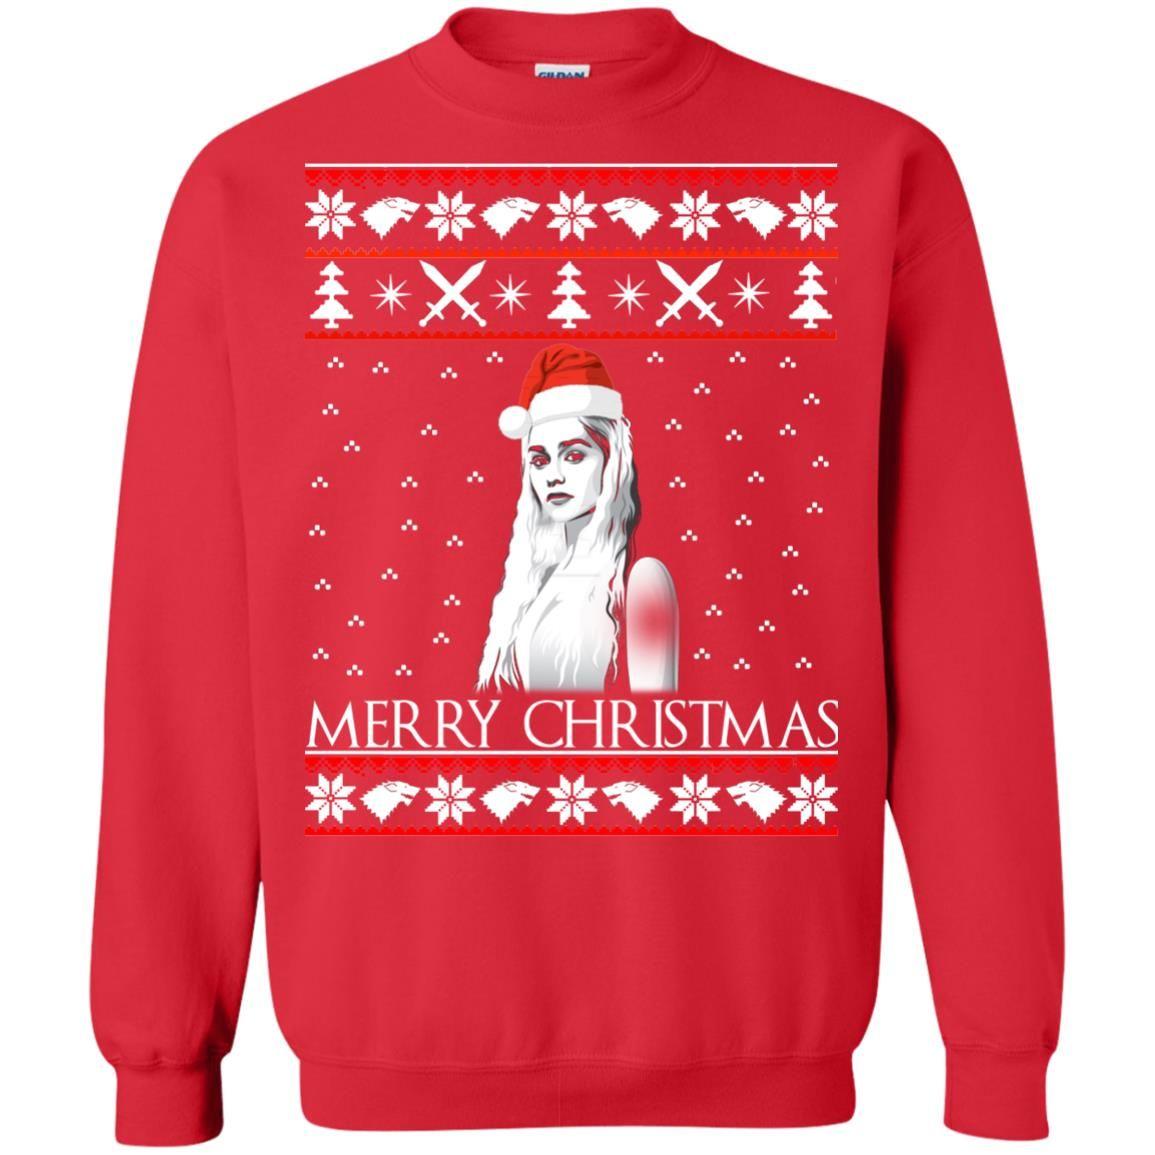 image 846 - Daenerys Targaryen: Merry Christmas ugly Sweatshirt, hoodie